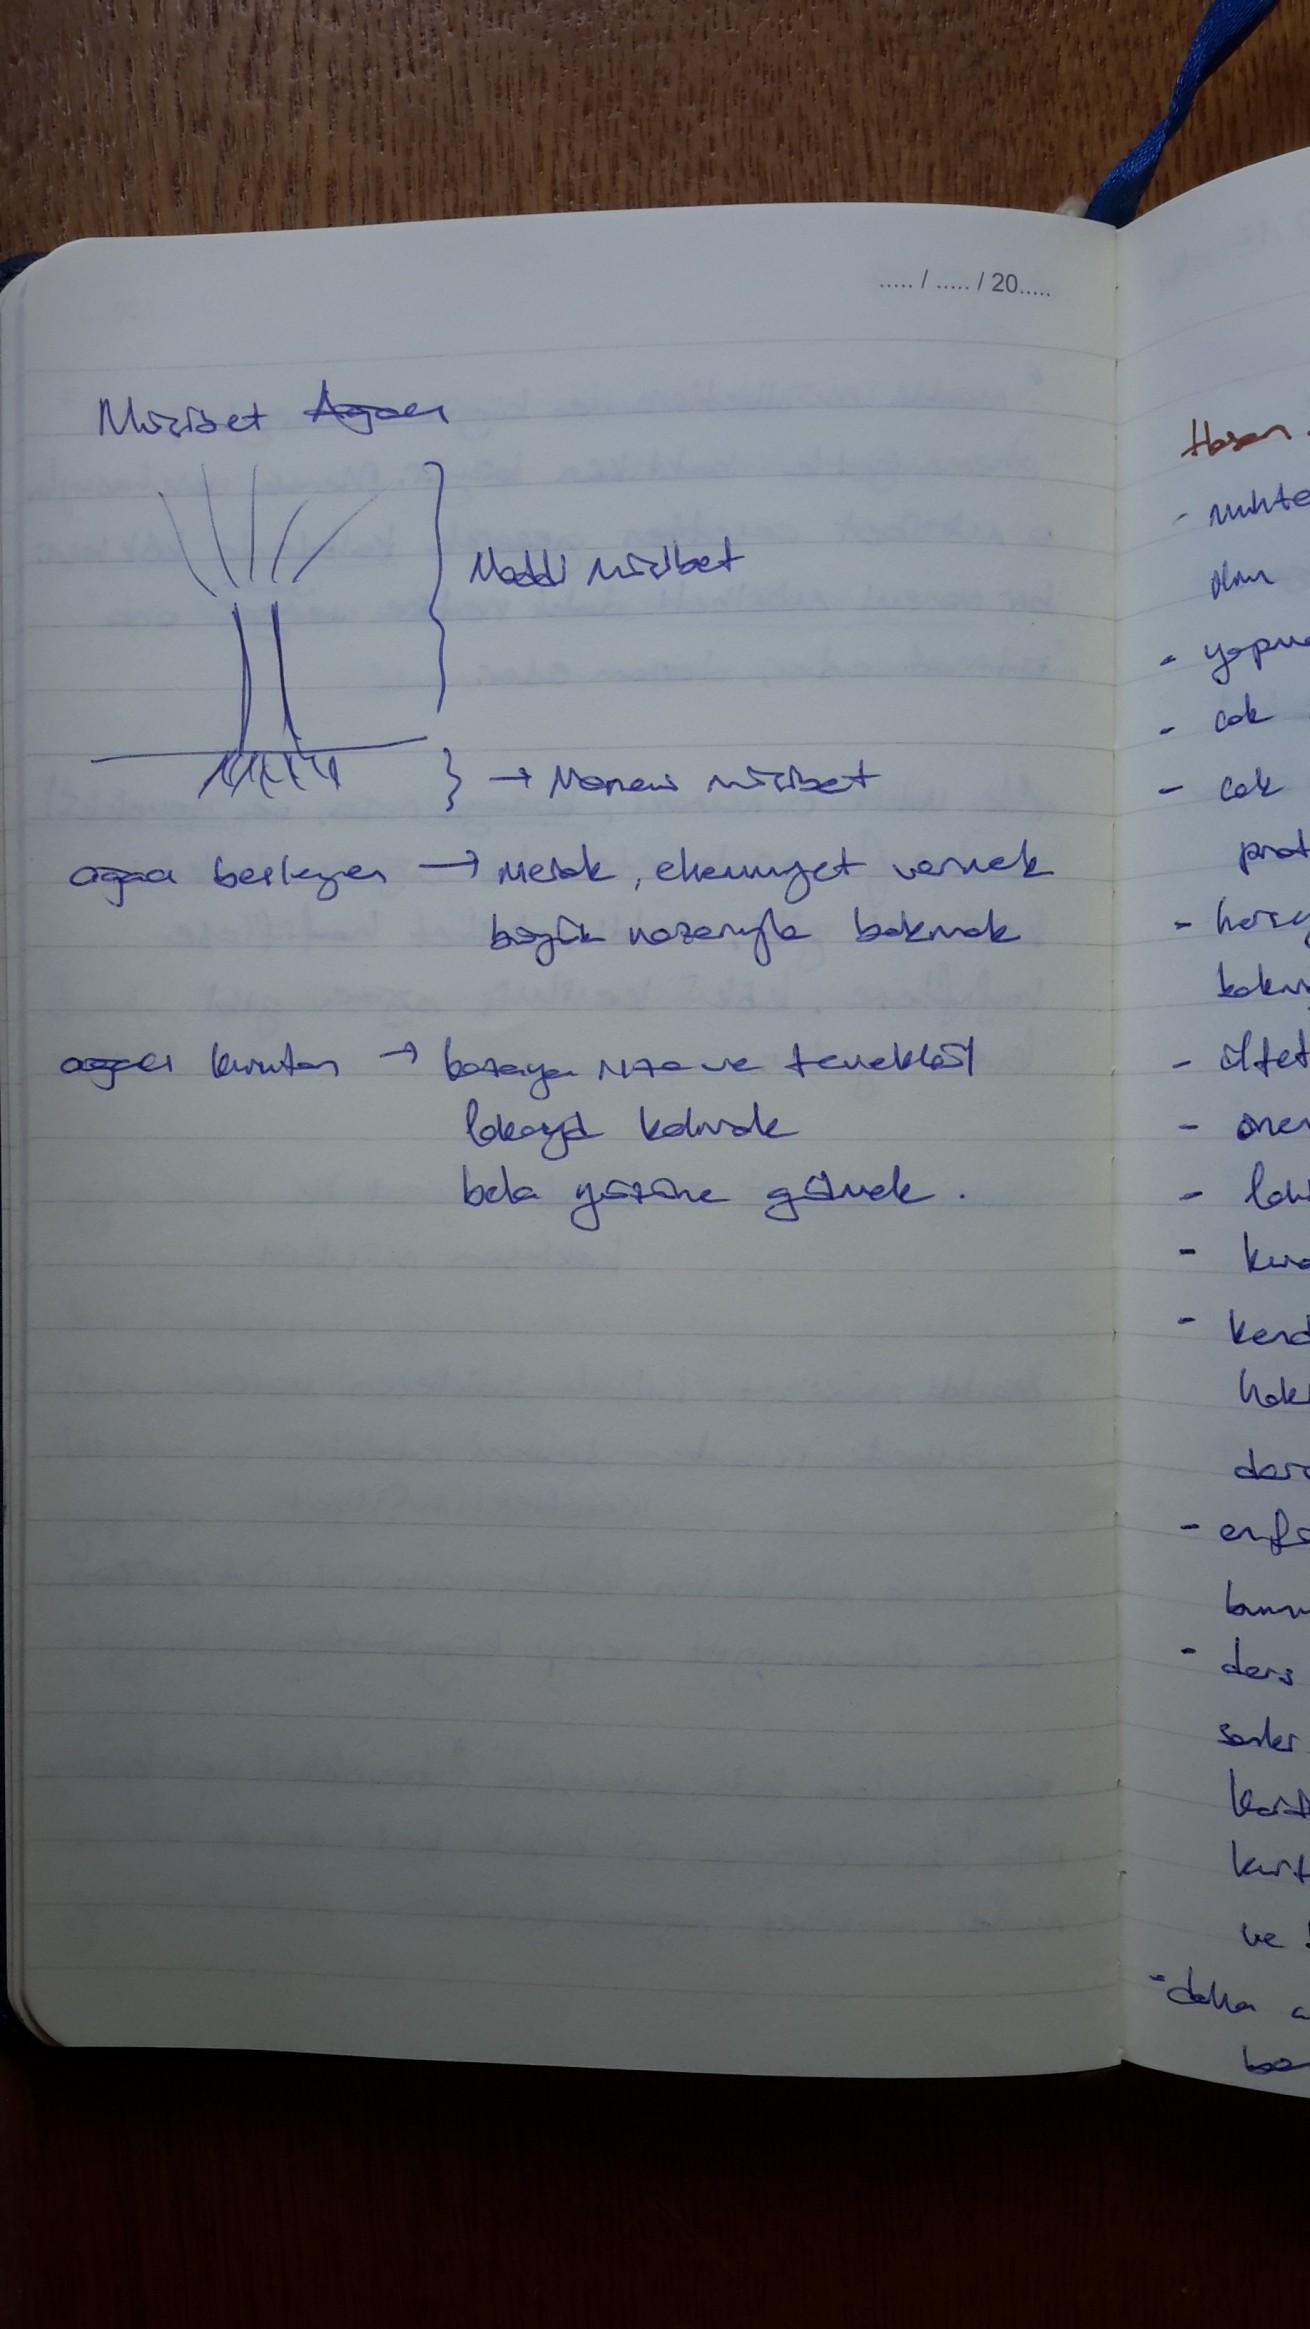 Musibet Ağacı